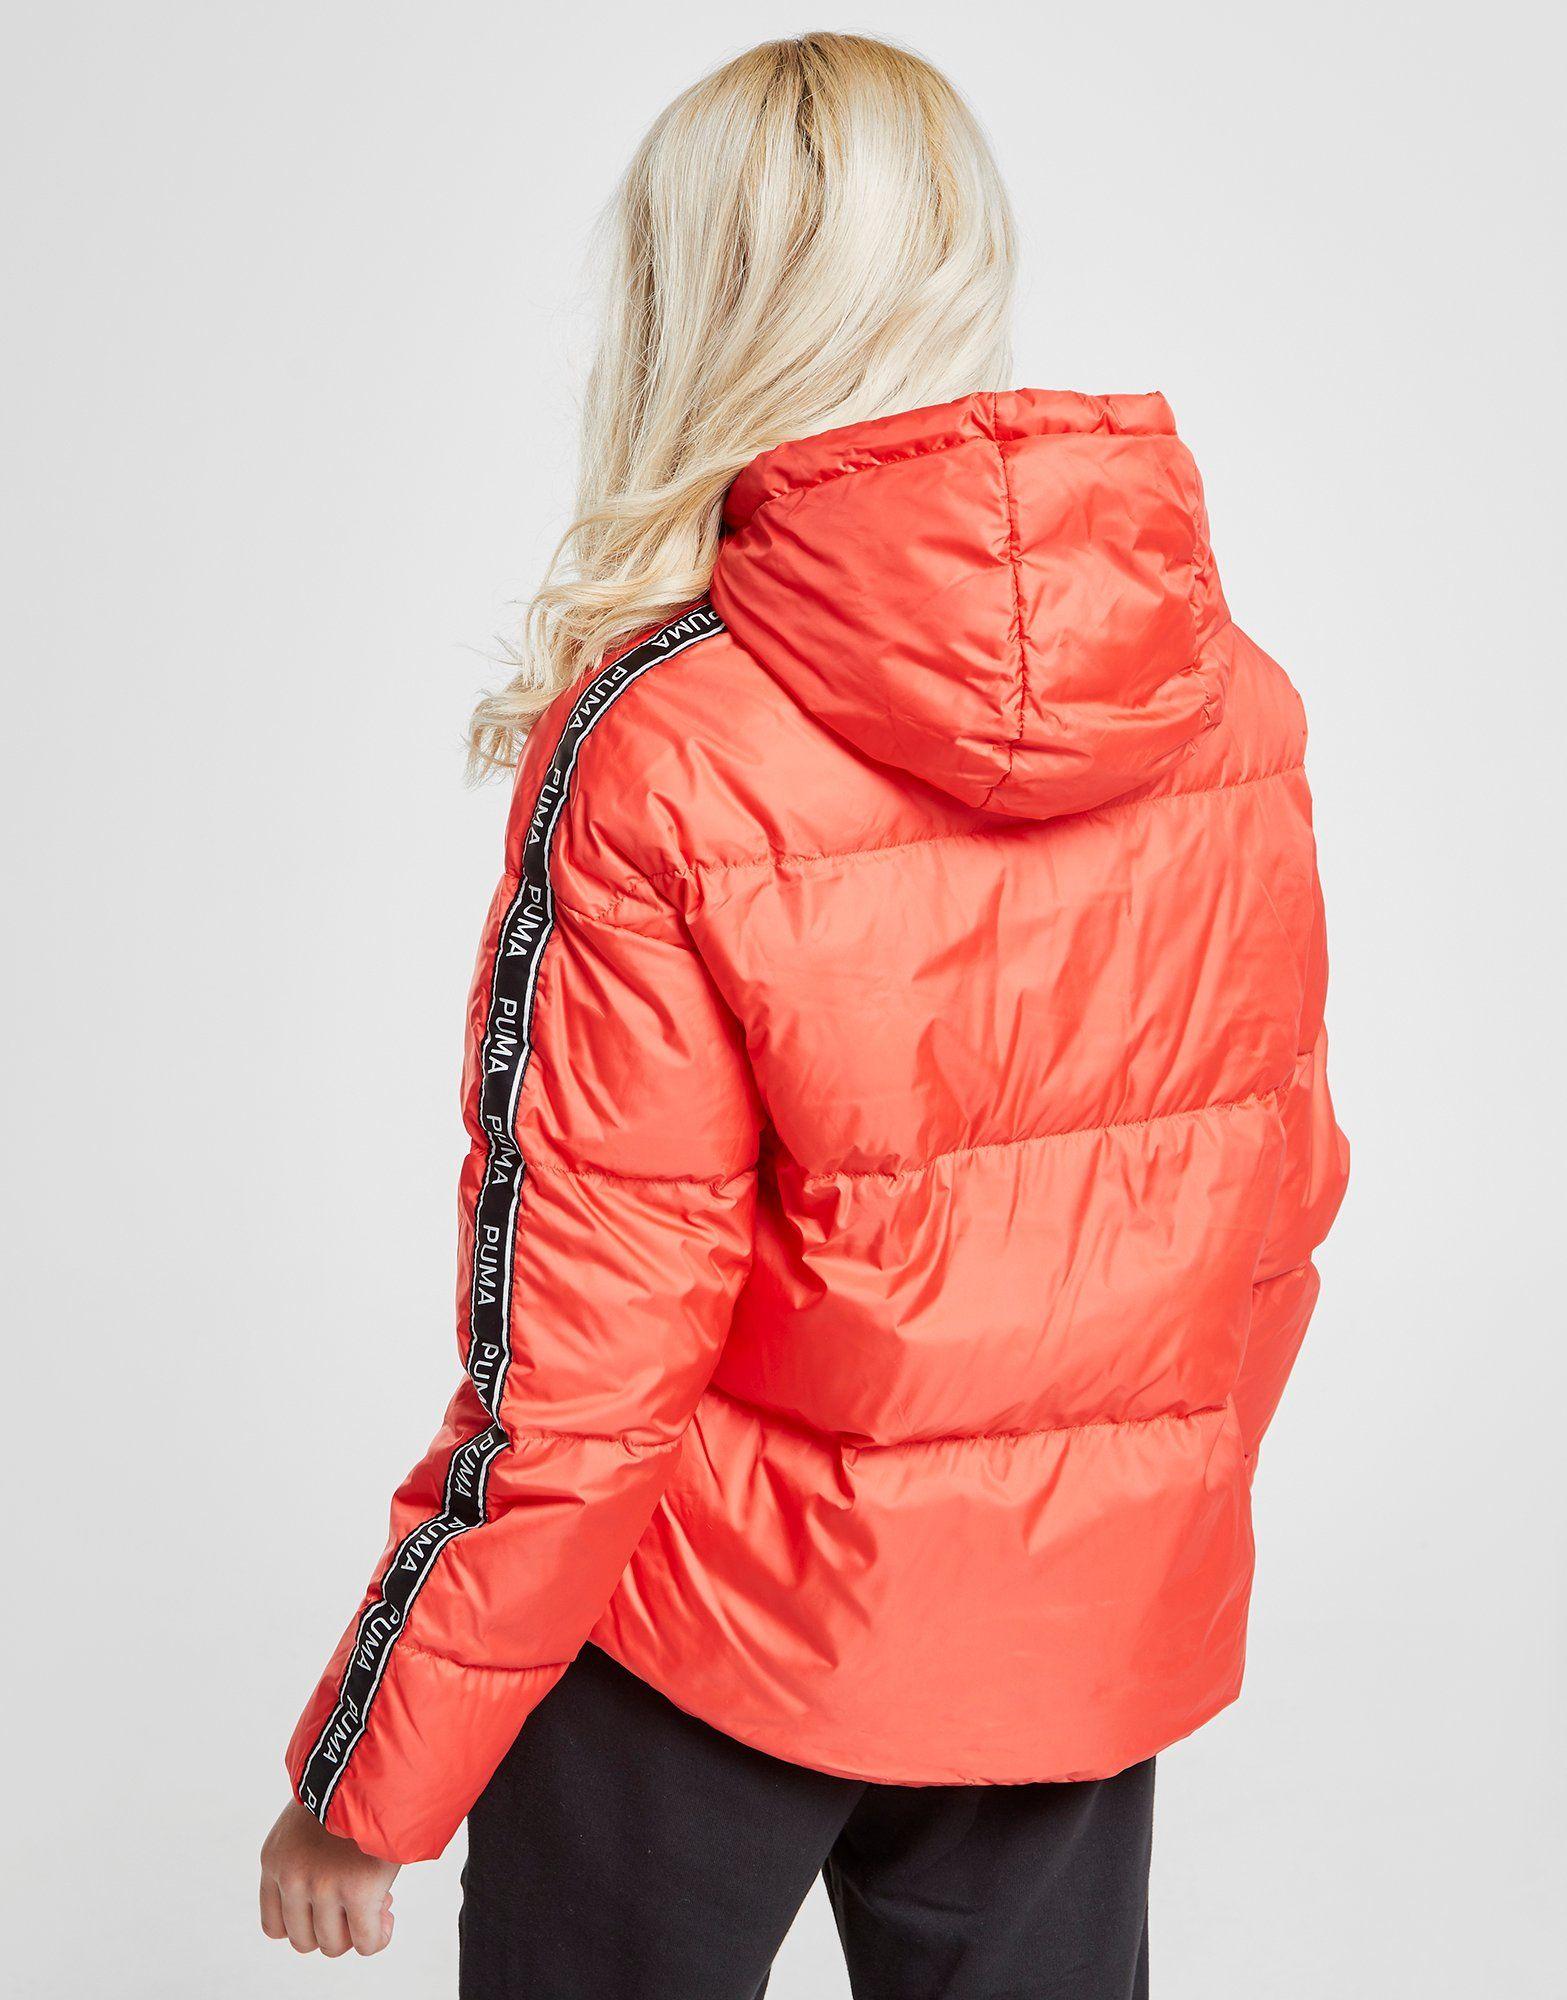 PUMA Tape Hooded Jacket